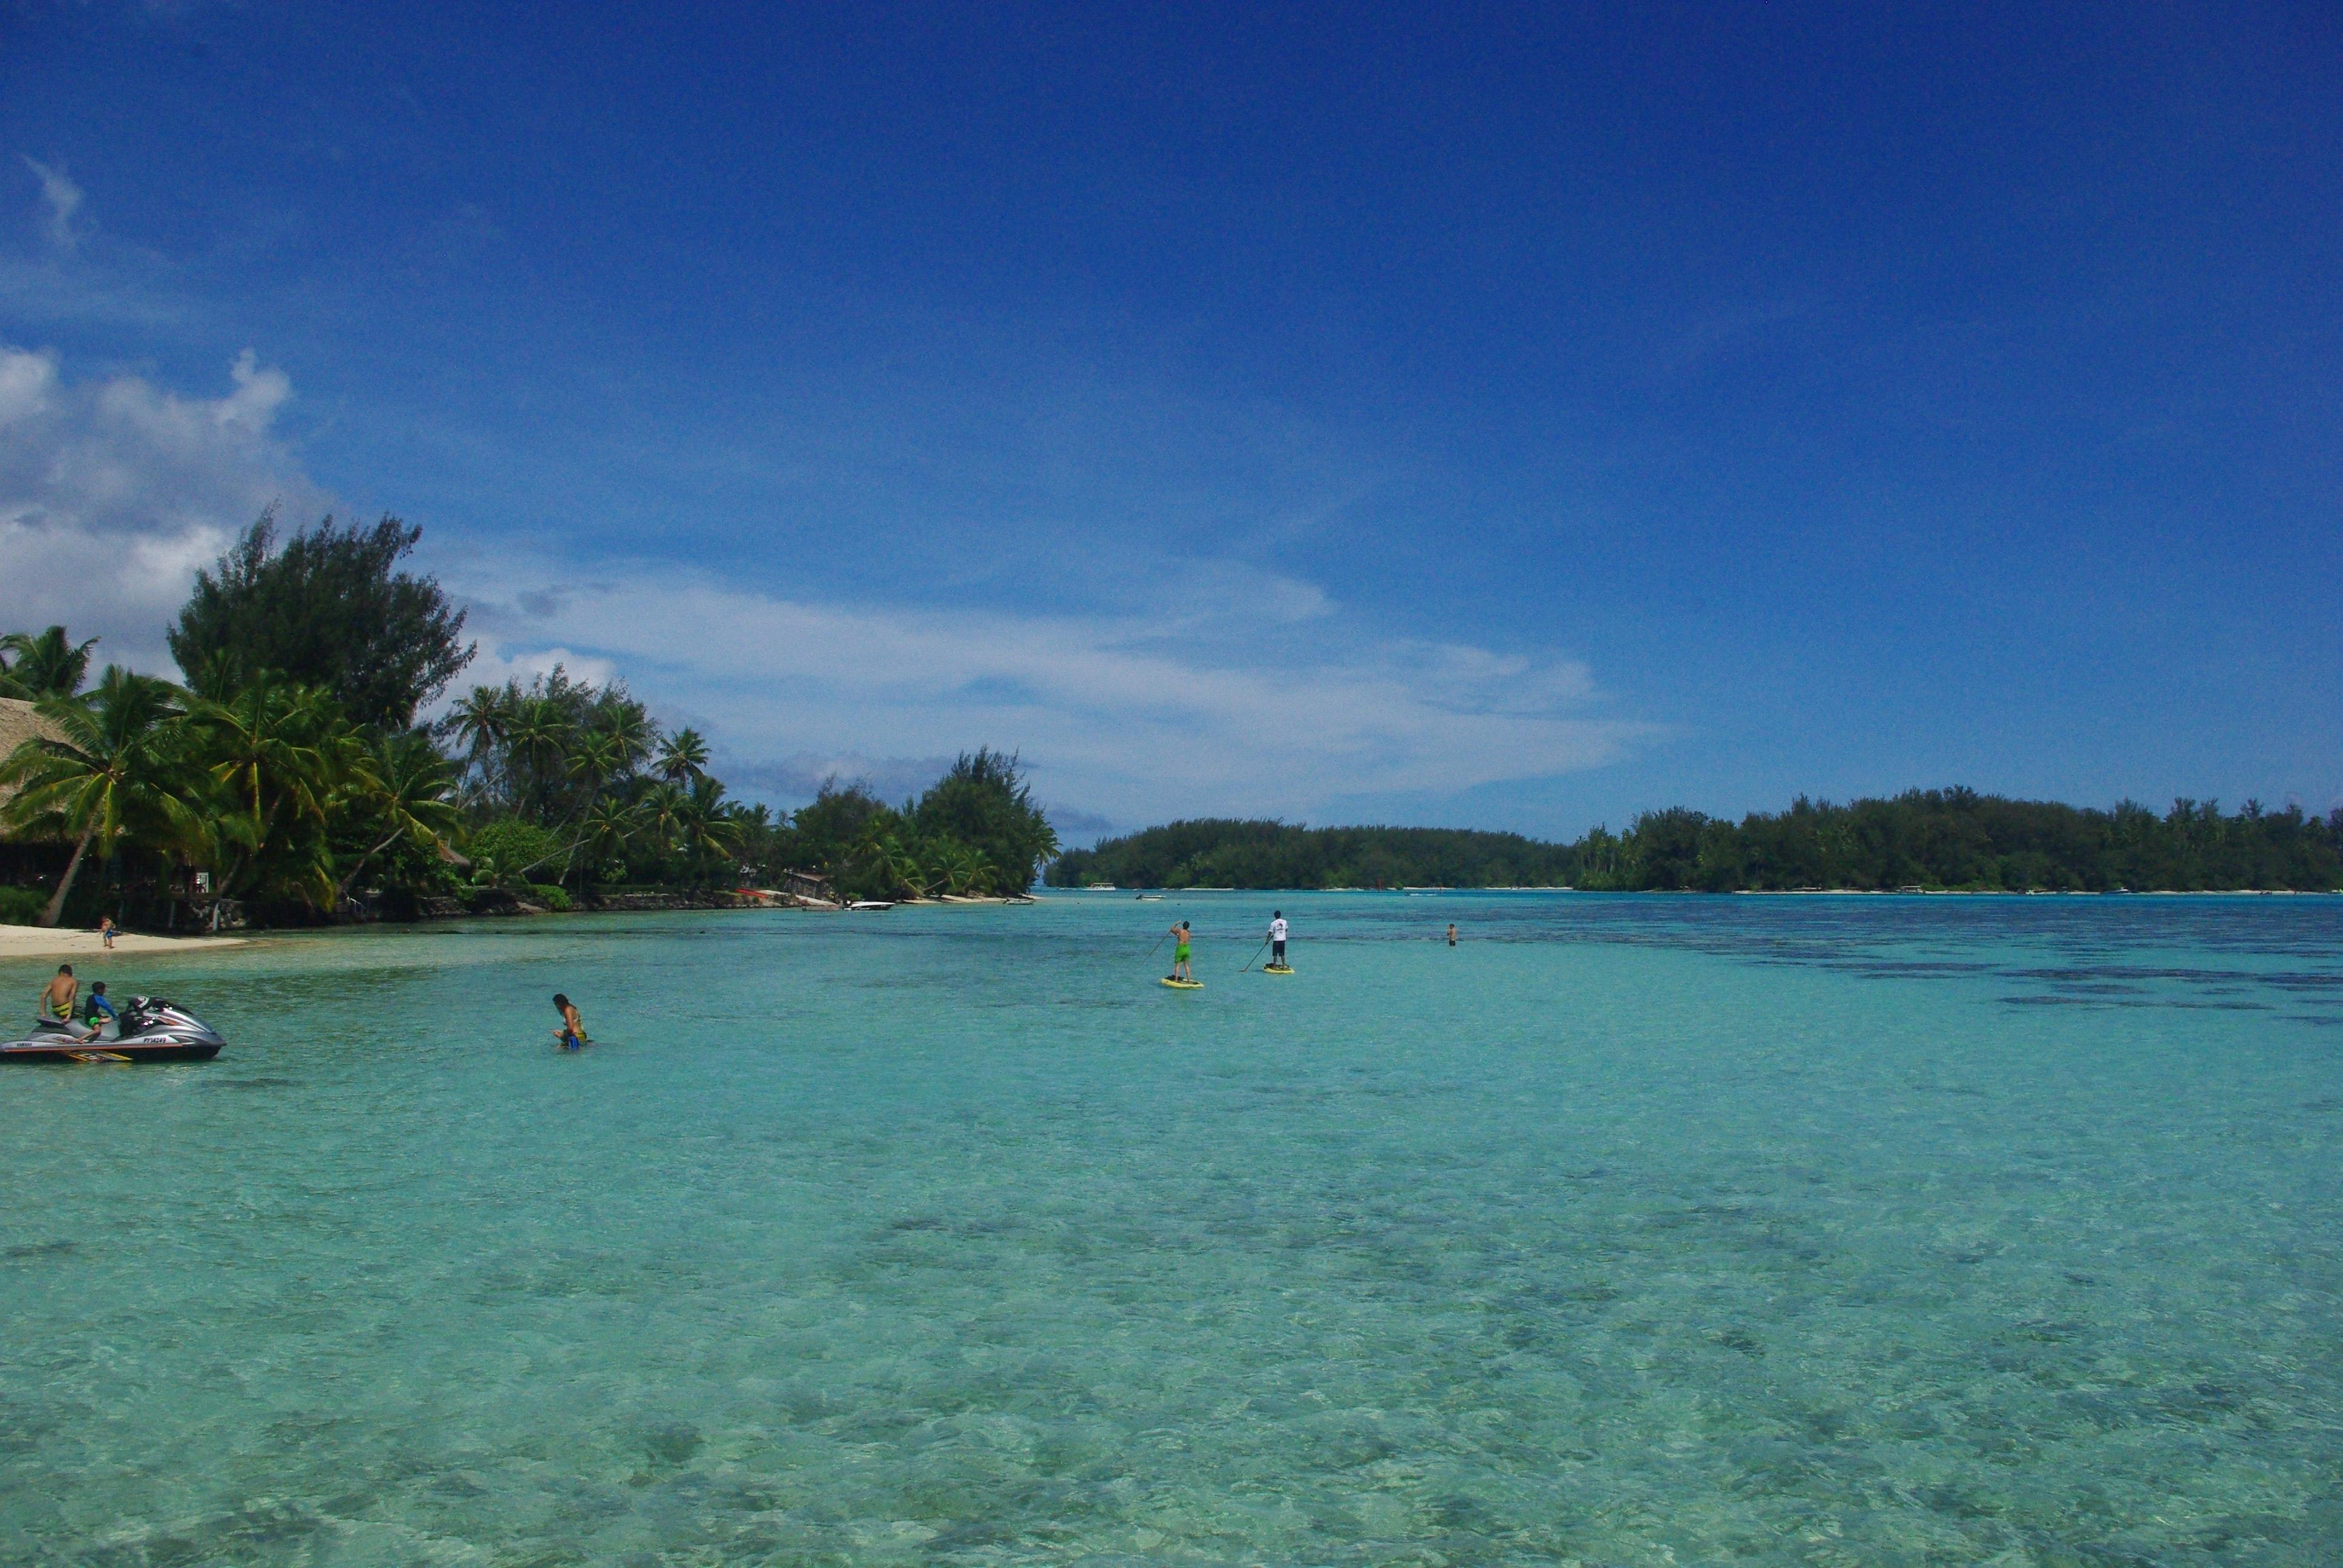 La mauvaise hôtellerie existe aussi en Polynésie